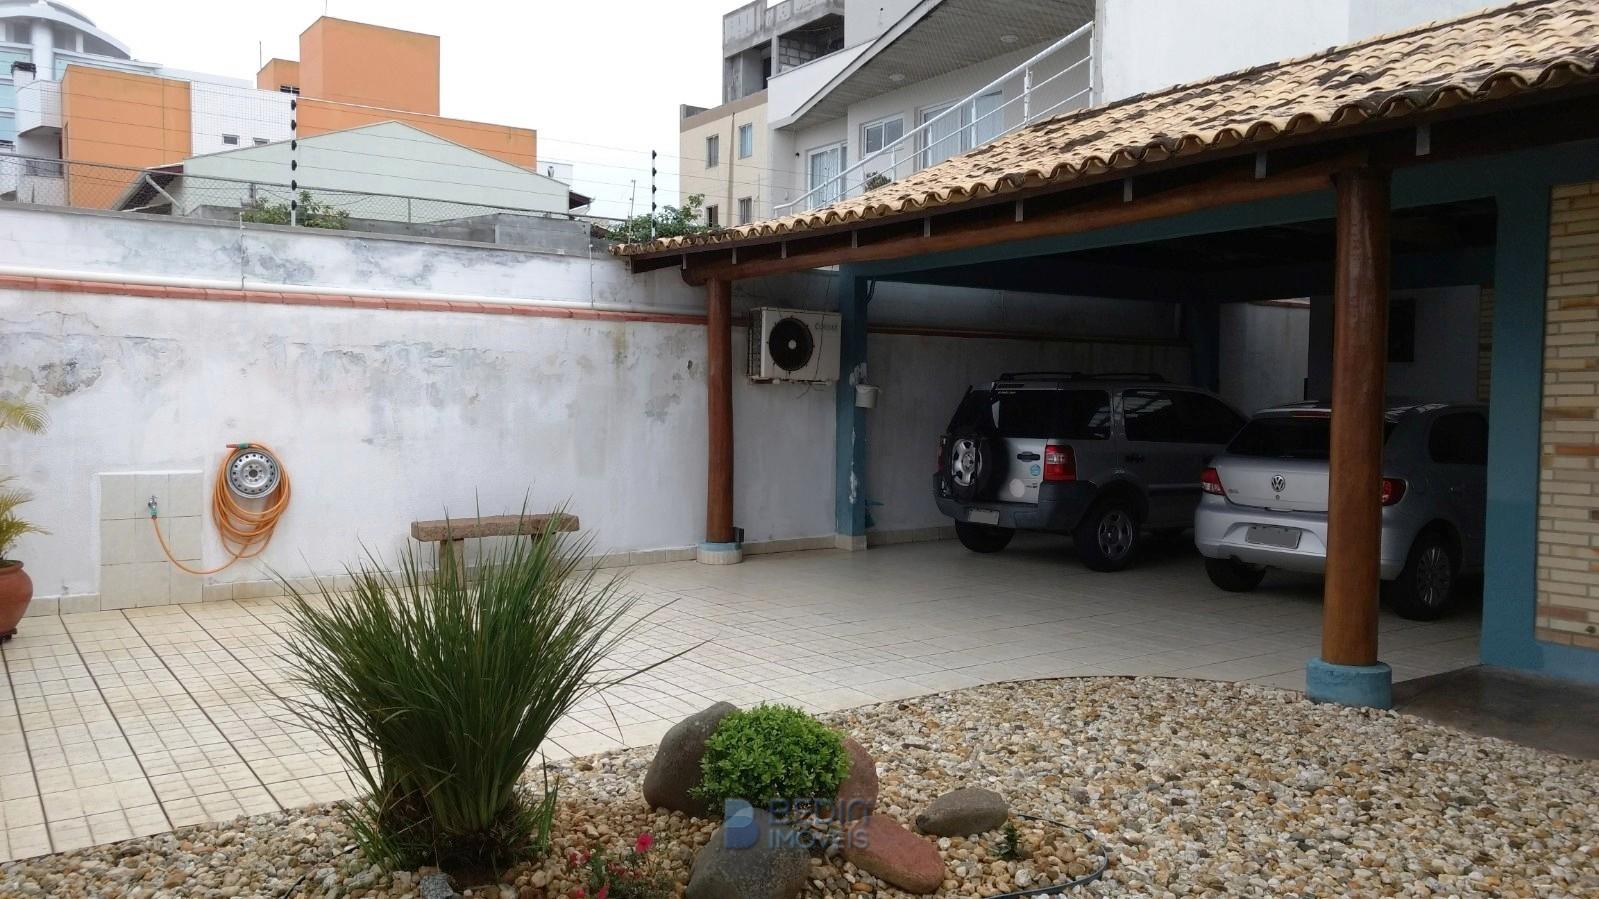 Bedin Imóveis - Casa de Praia